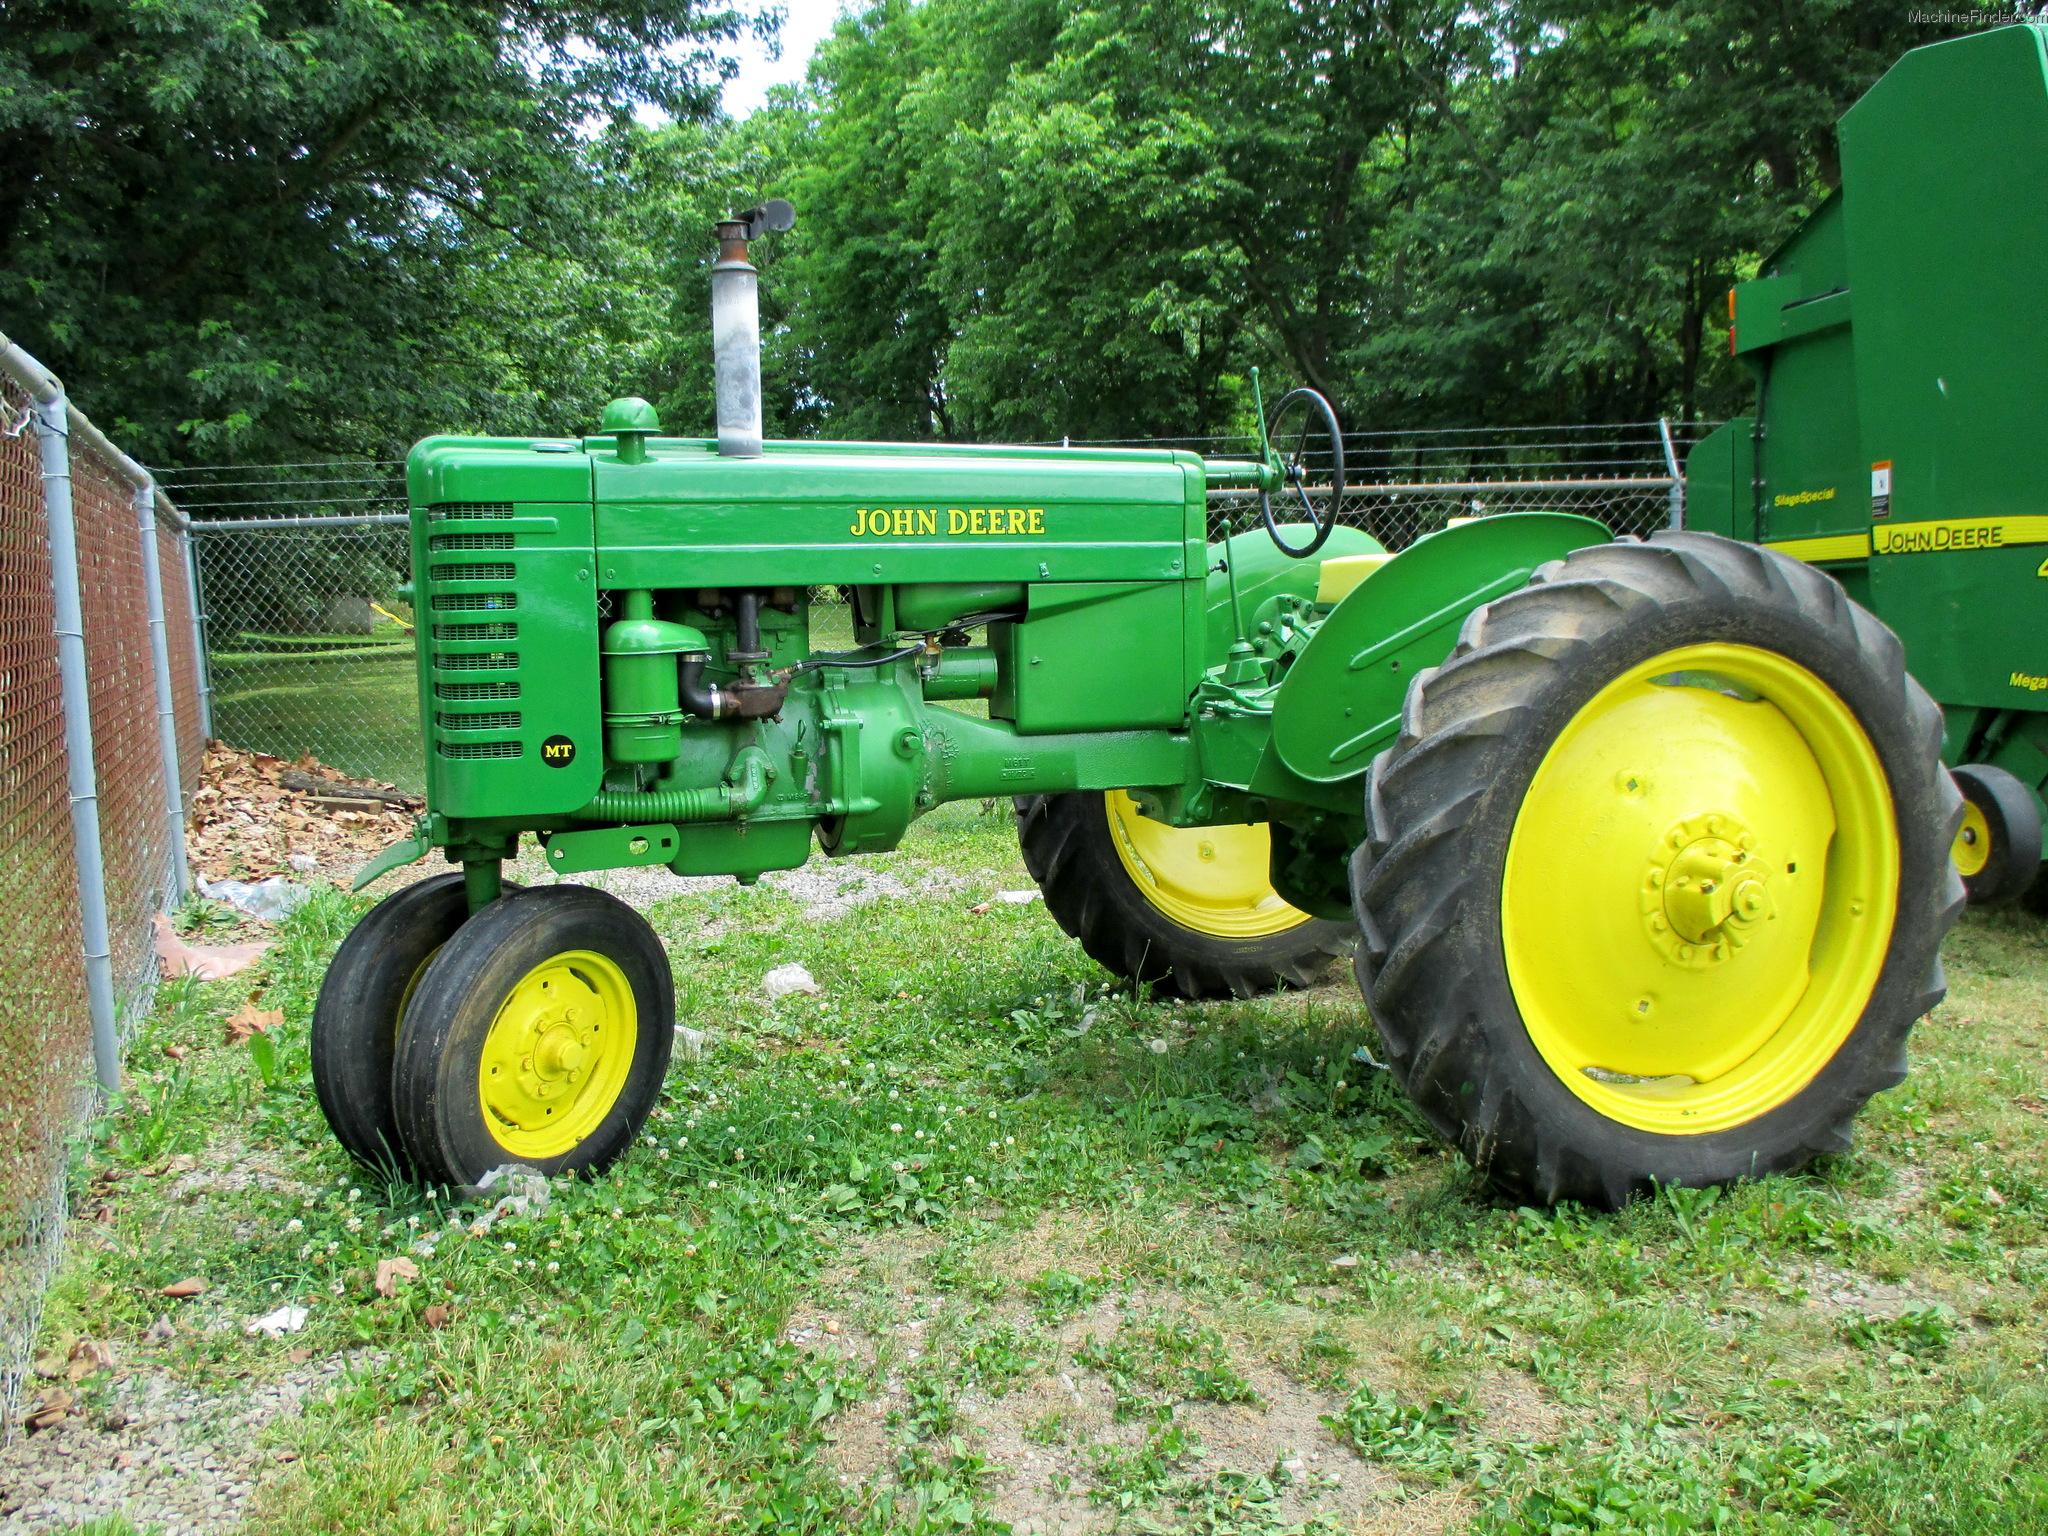 Montana Tractor Parts Lookup : John deere mt tractors row crop hp